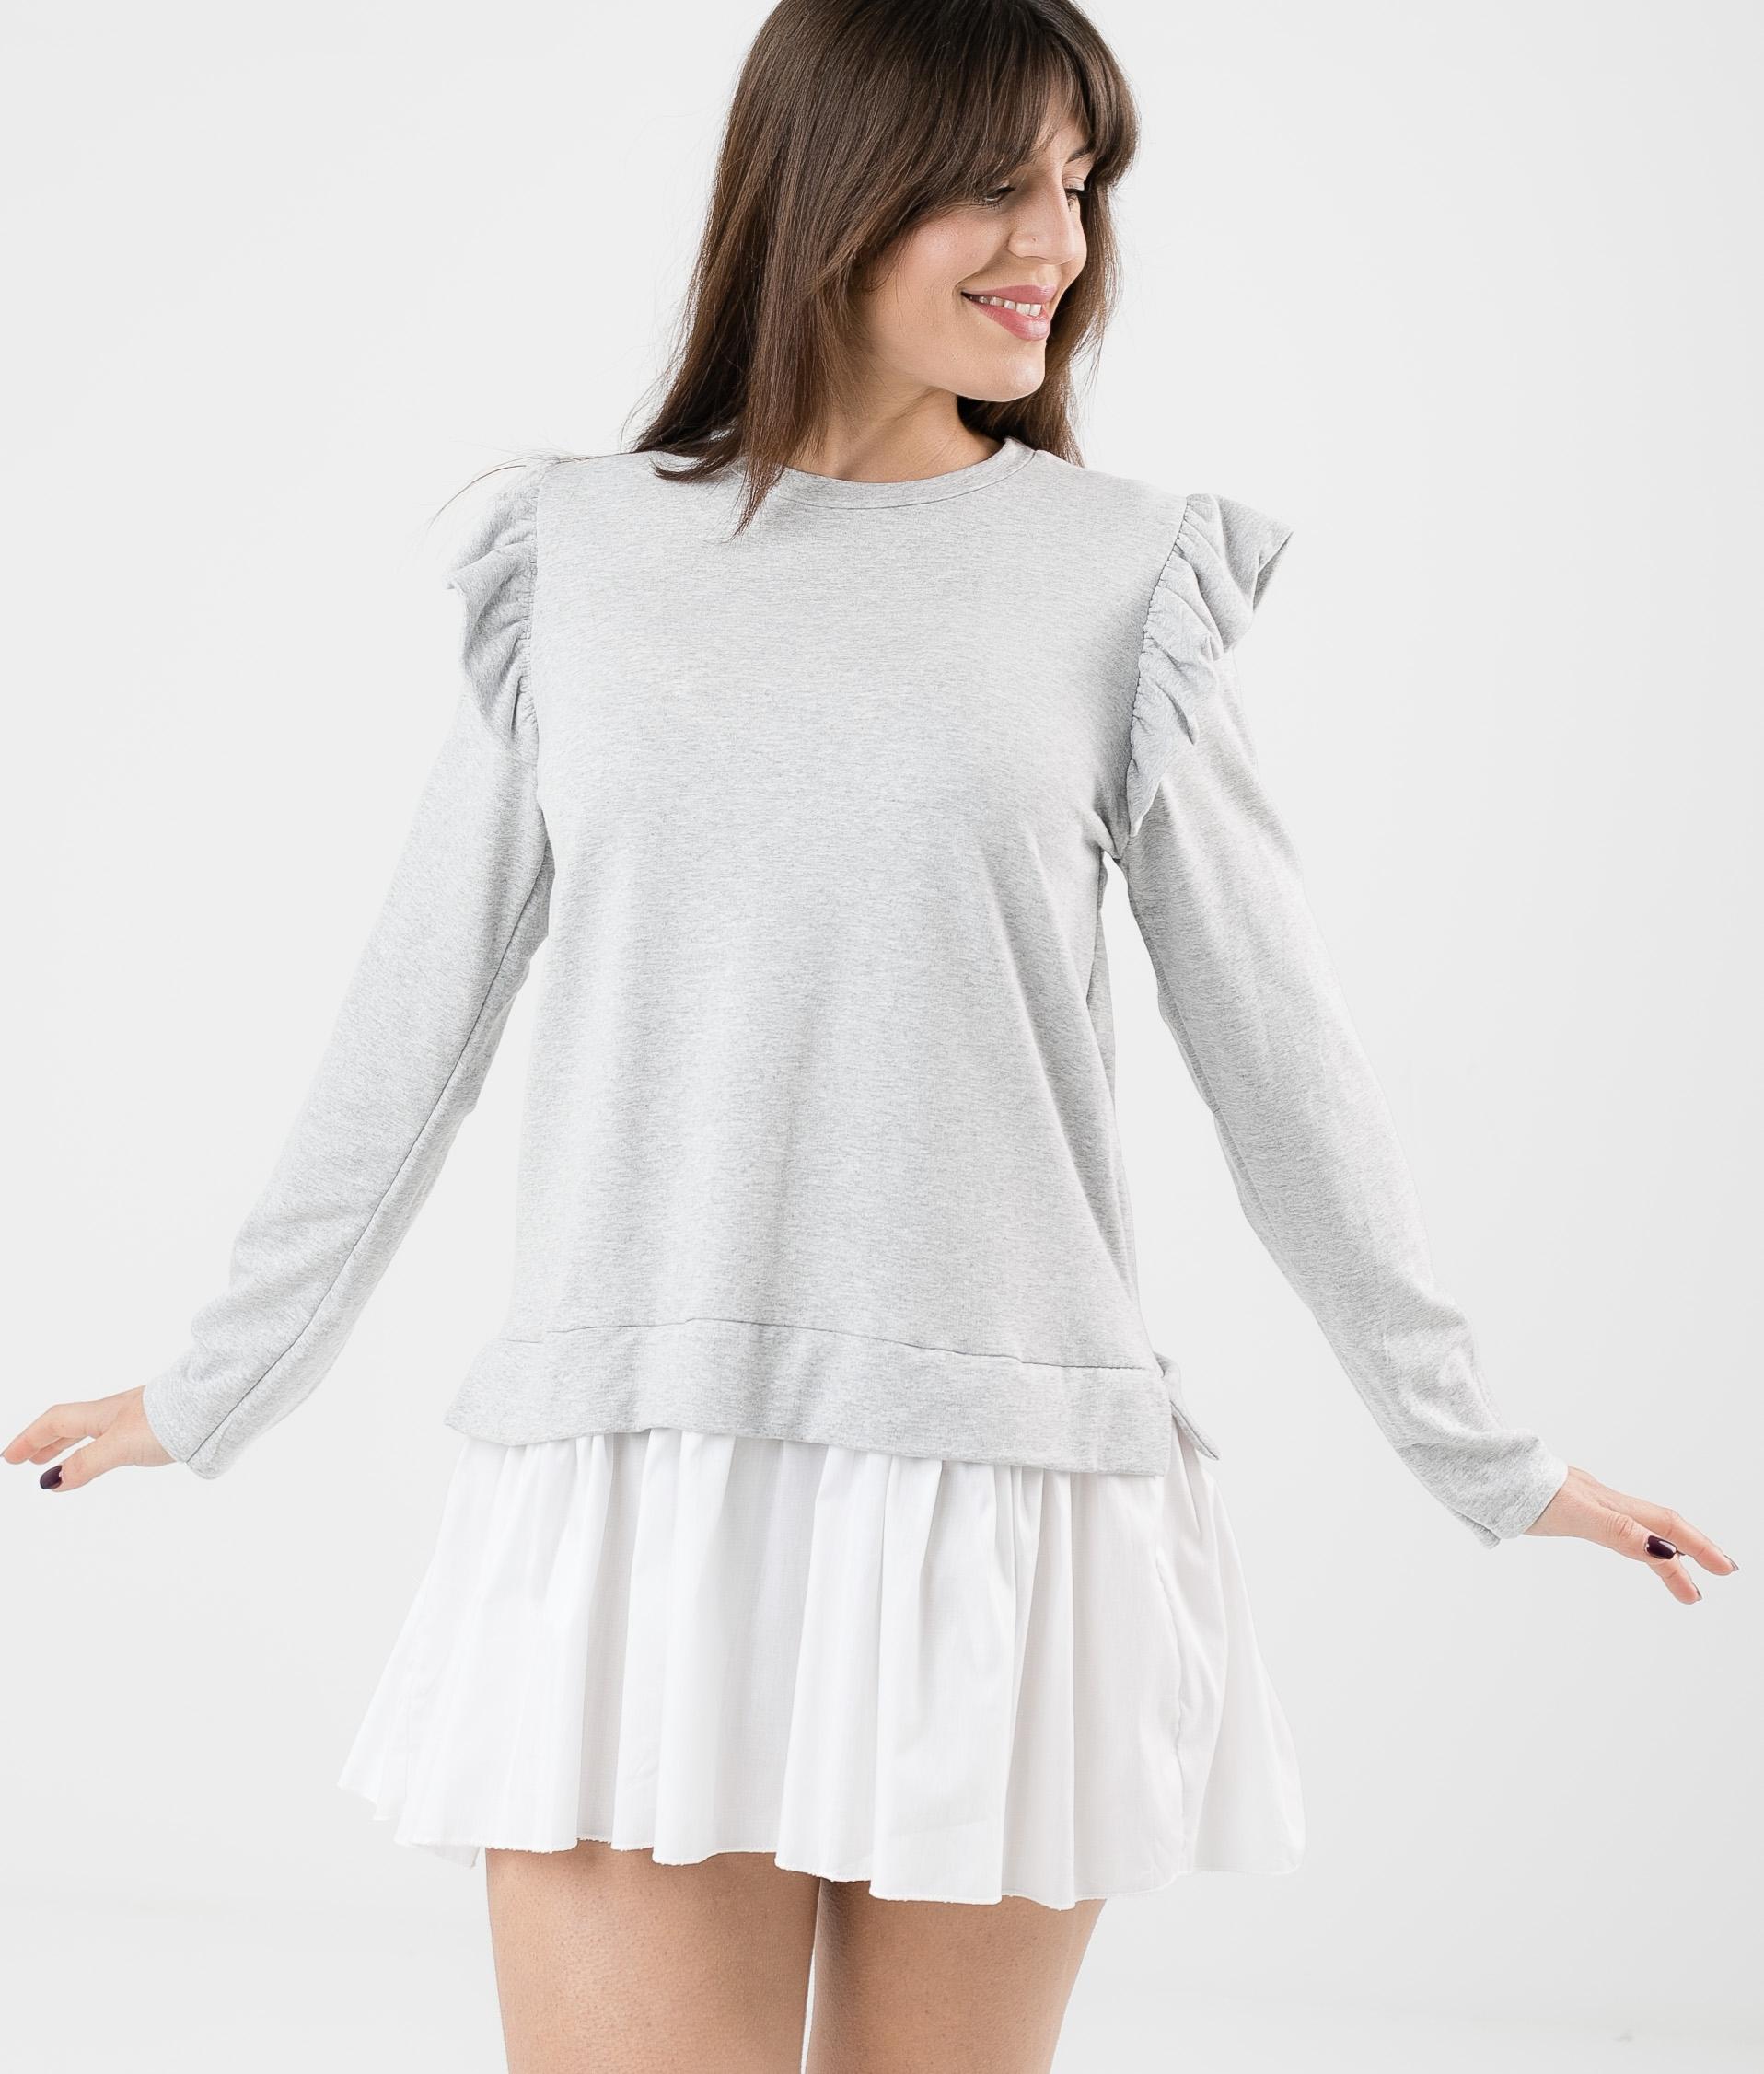 KATPUM DRESS - GREY